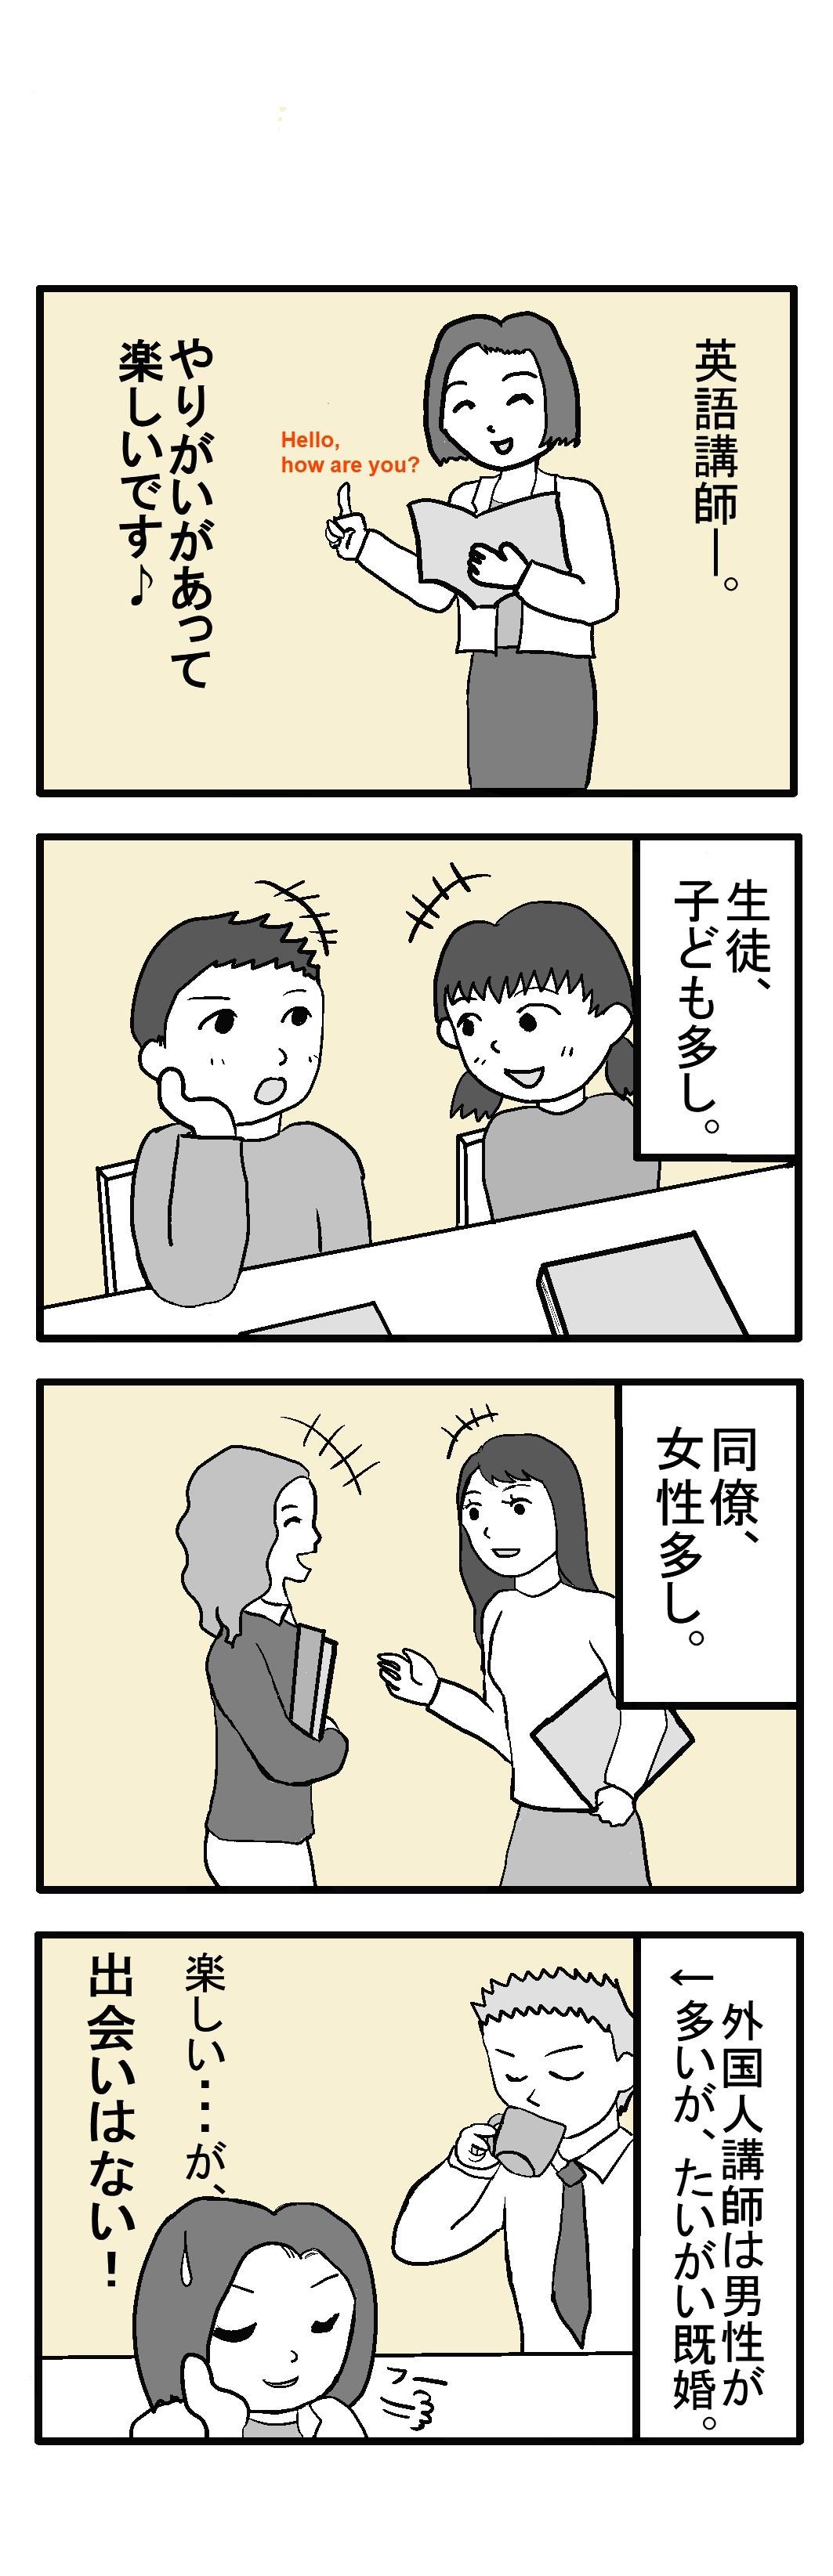 【英語講師はくじけない】英語講師は出会いが多いってホント?